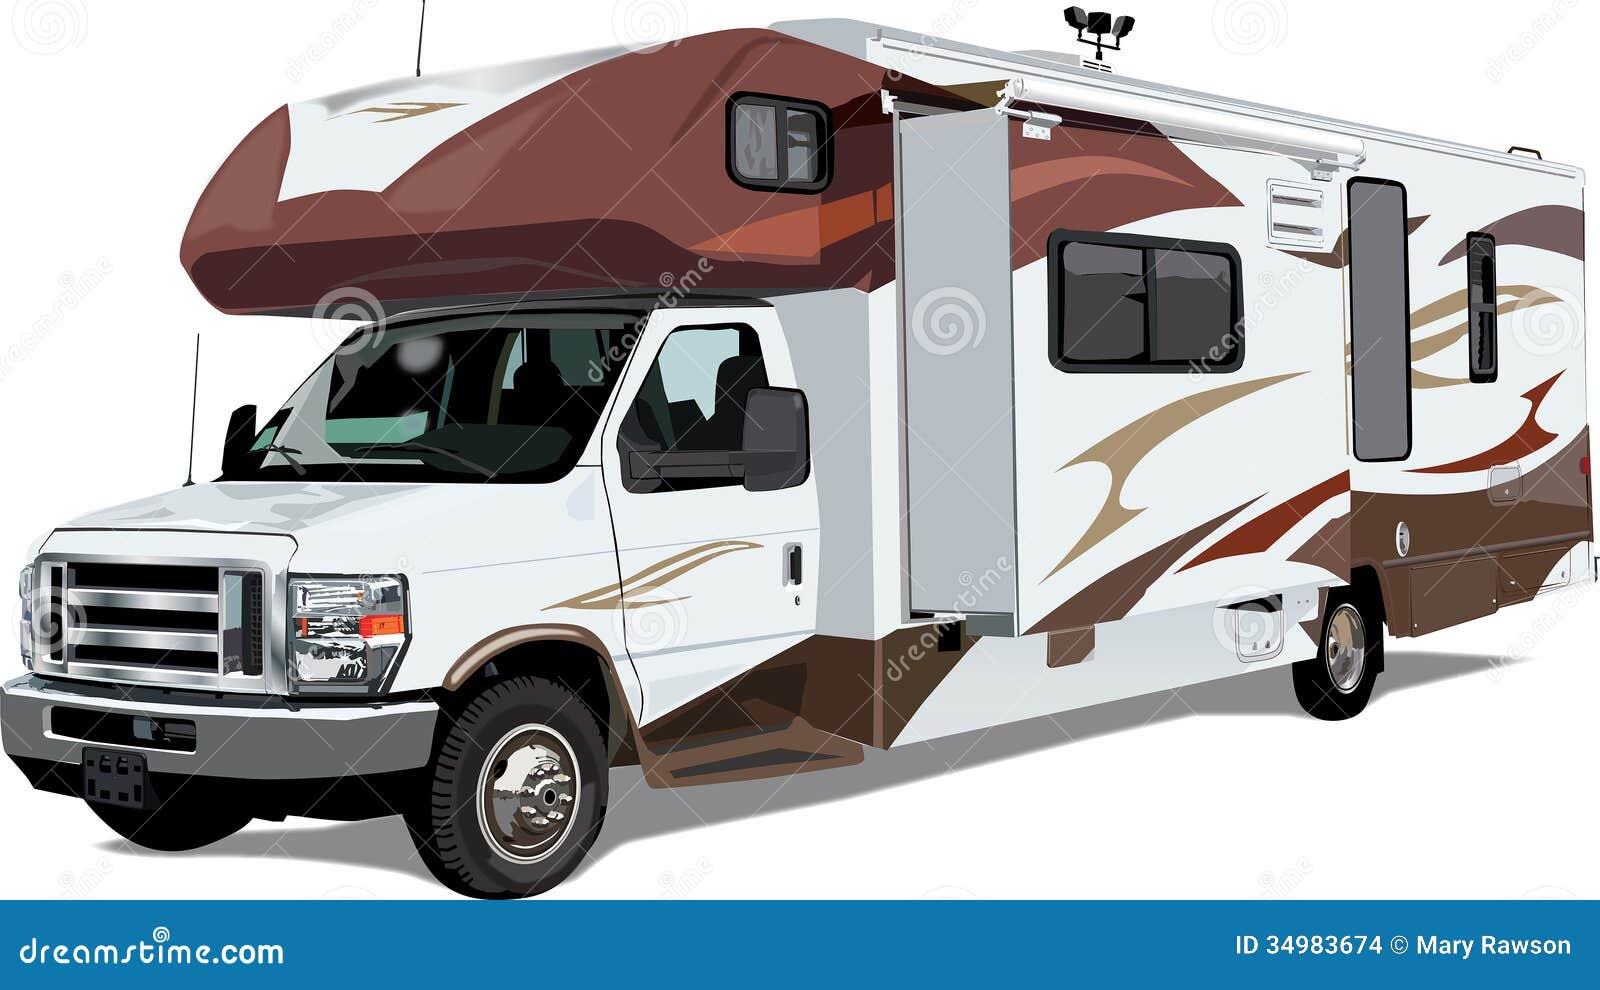 RV C Class Camper Trailer